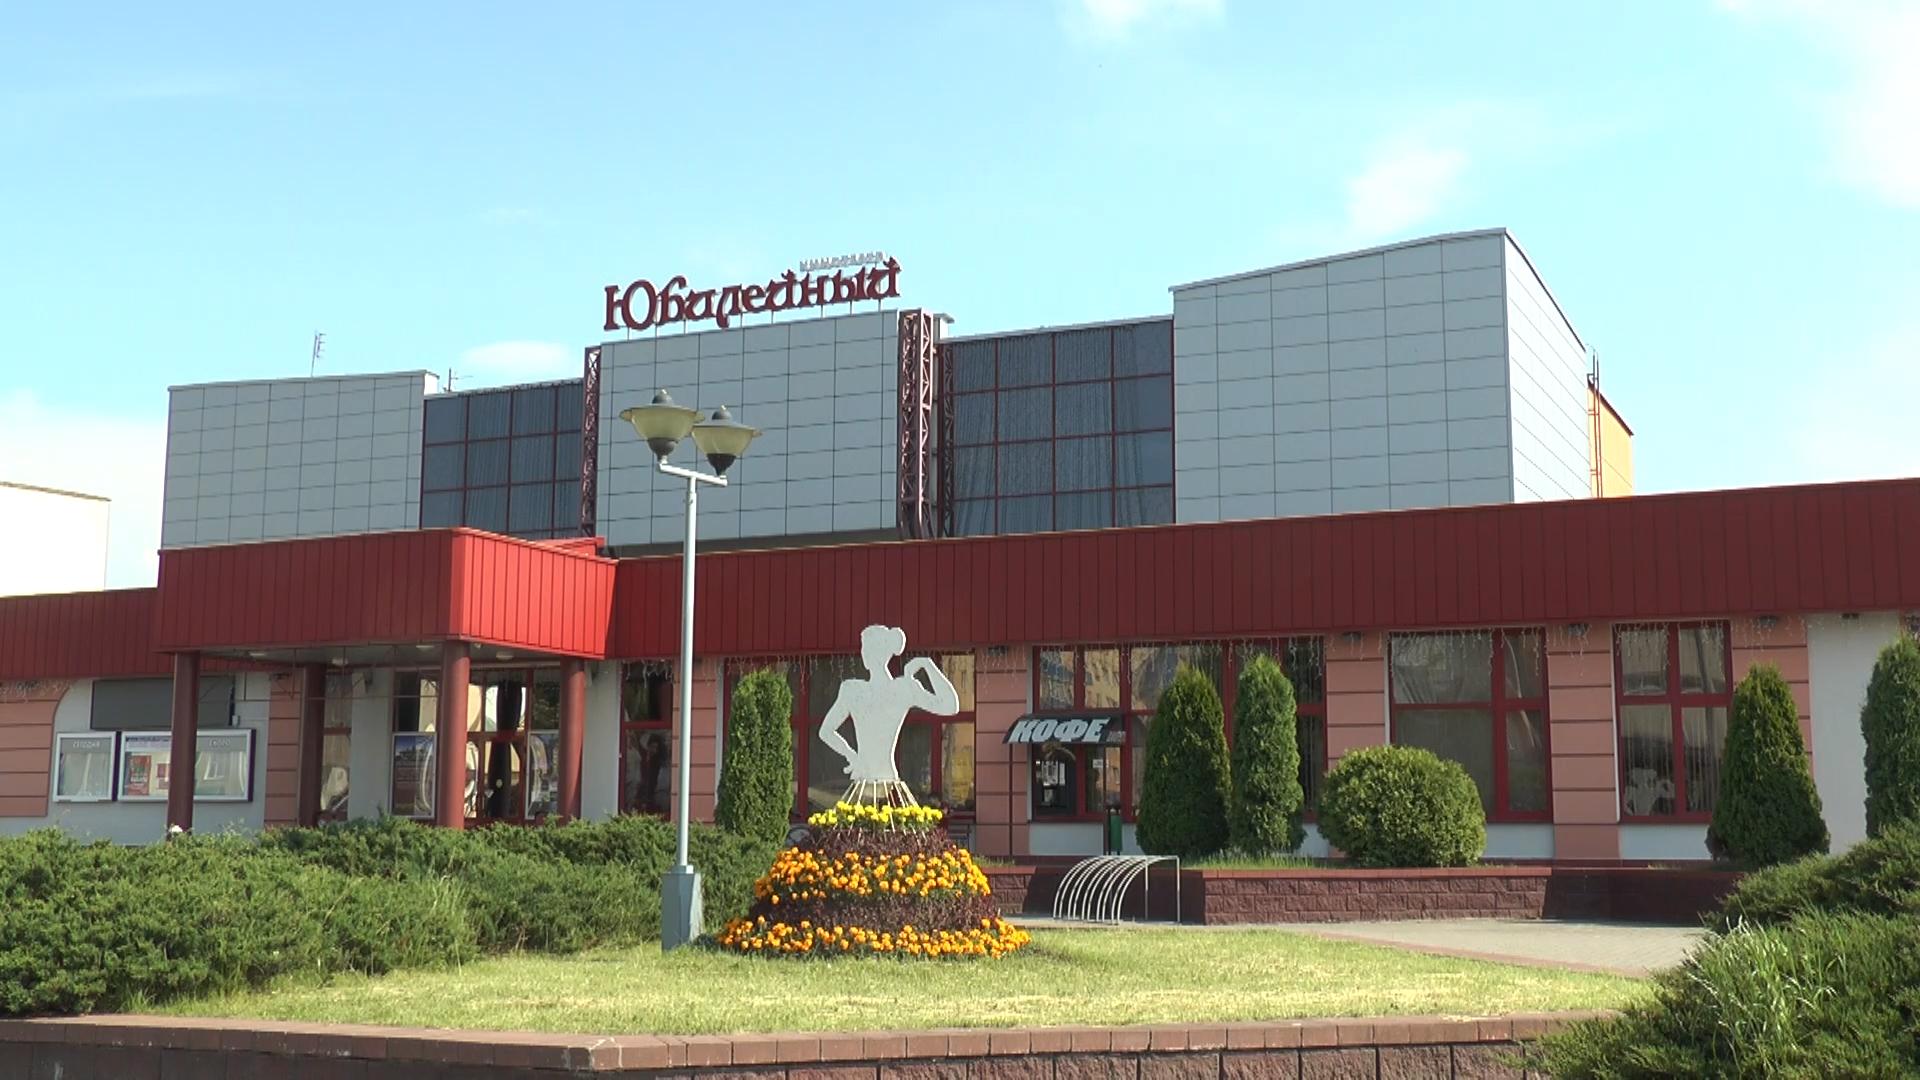 Лидский кинотеатр «Юбилейный» с этого дня начинает показ нового фильма «Прабабушка лёгкого поведения. Начало»